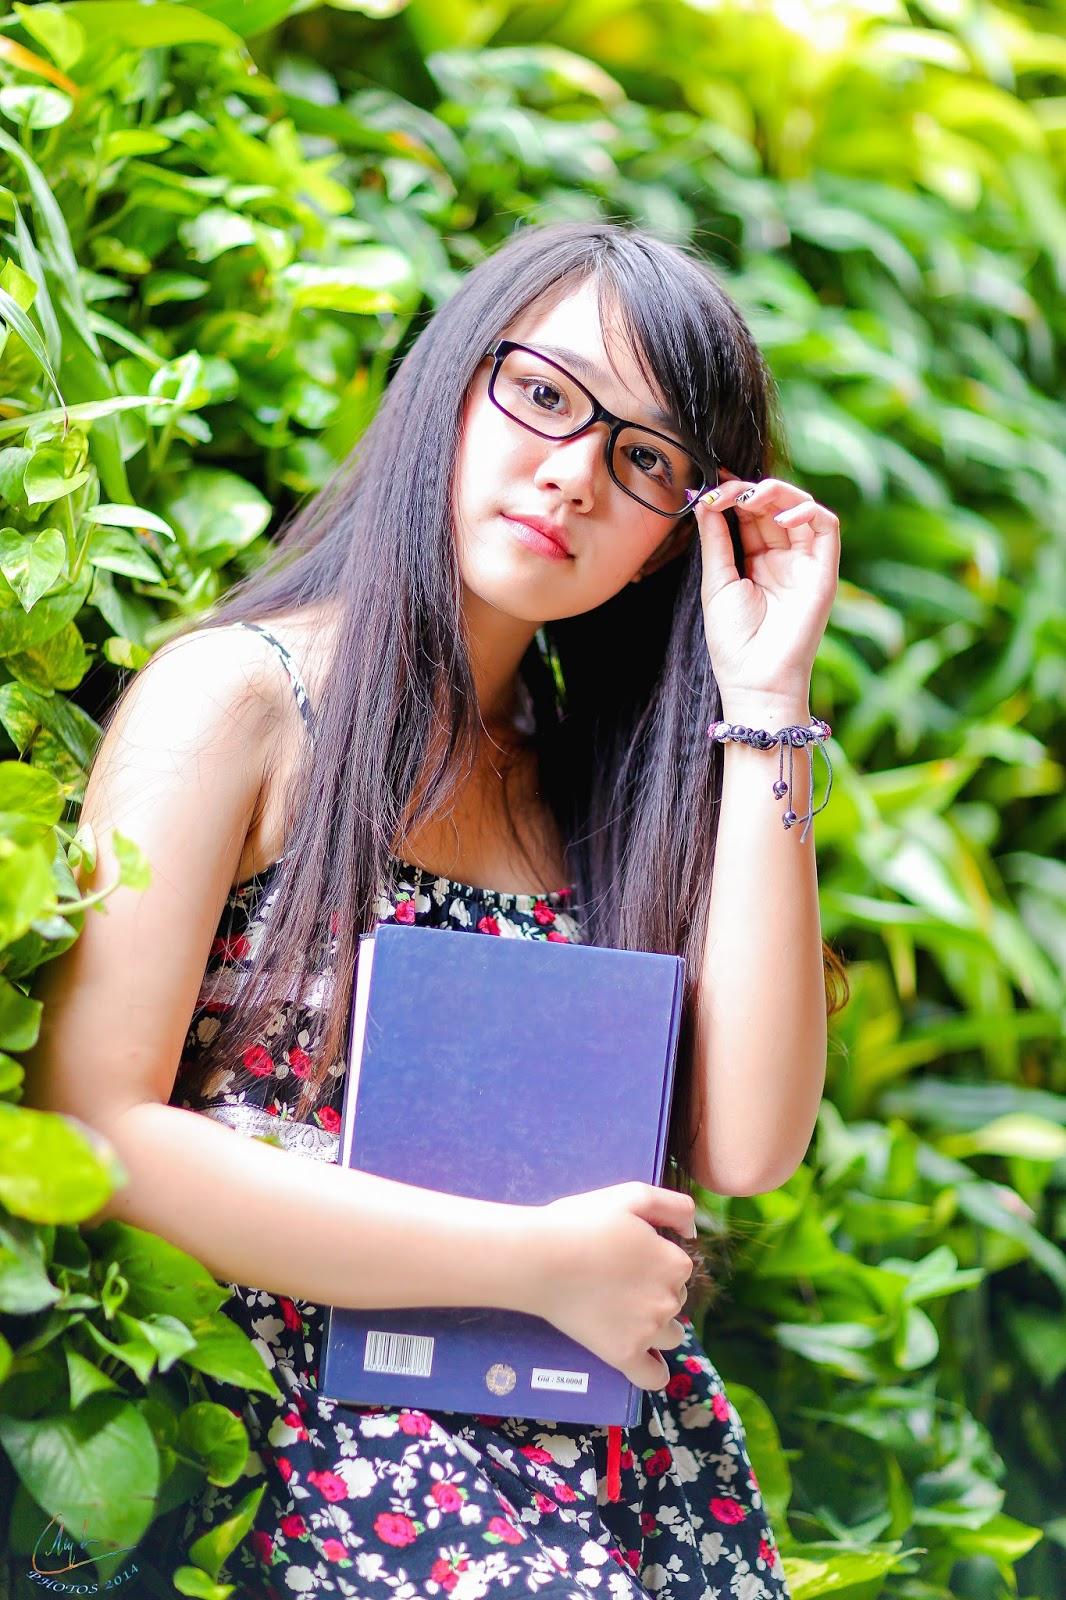 https://3.bp.blogspot.com/-rLV-6lpuBw8/Wq3eihn3YUI/AAAAAAABmuk/tG0OhvEbCzYo-dkdgJi_d5RgsTDeGzKZgCLcBGAs/s1600/beauty-Vietnamese-girl-by-Cao-Trung-Tin-071.jpg